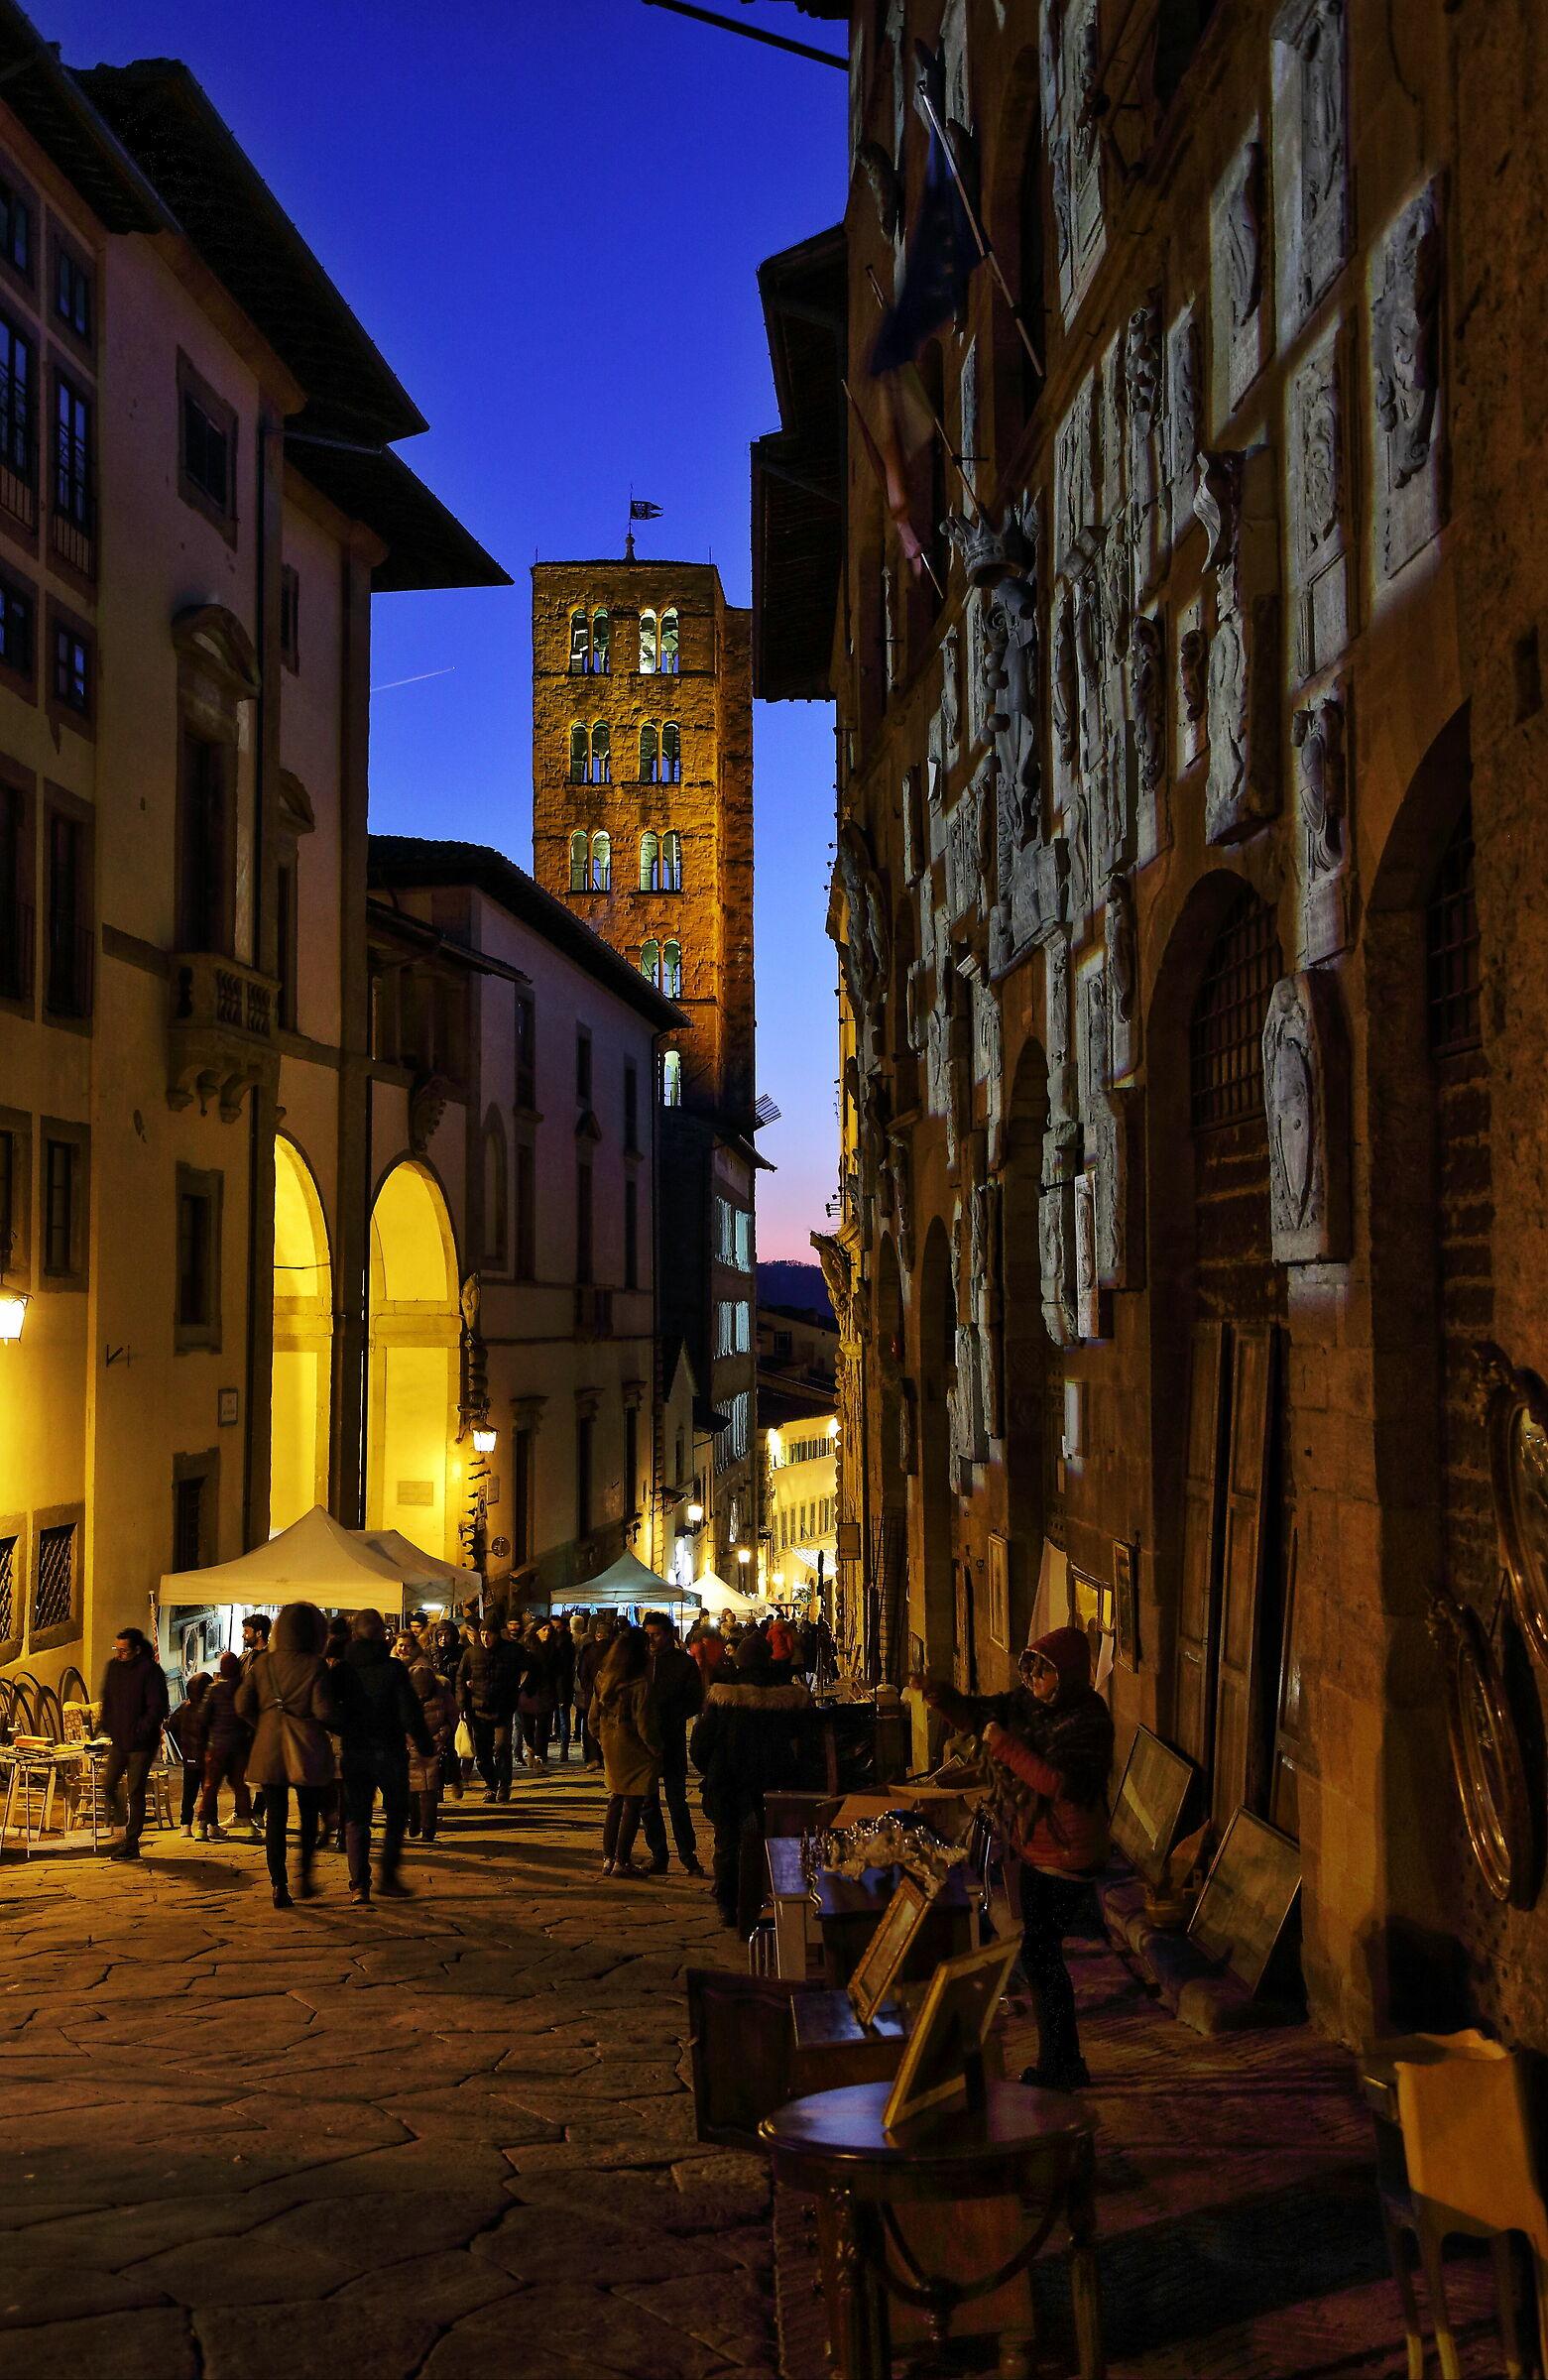 Tutto tramonterà, a presto mia Arezzo...